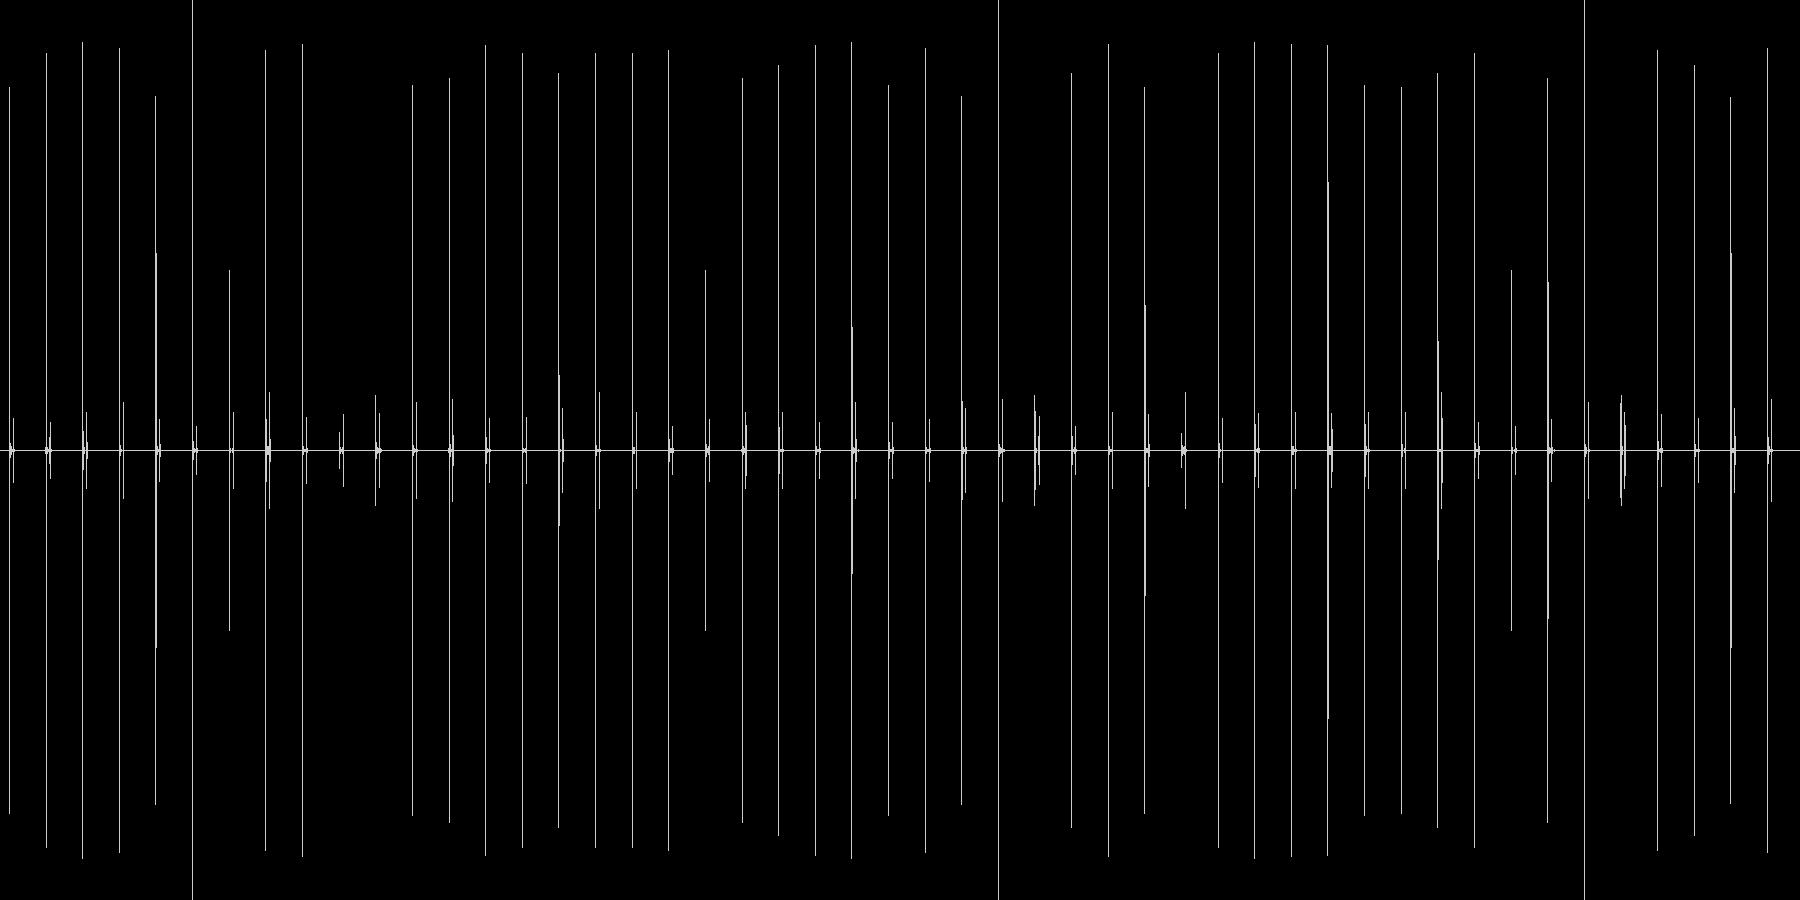 汎用性のあるハイヒールでゆっくり歩く音の未再生の波形